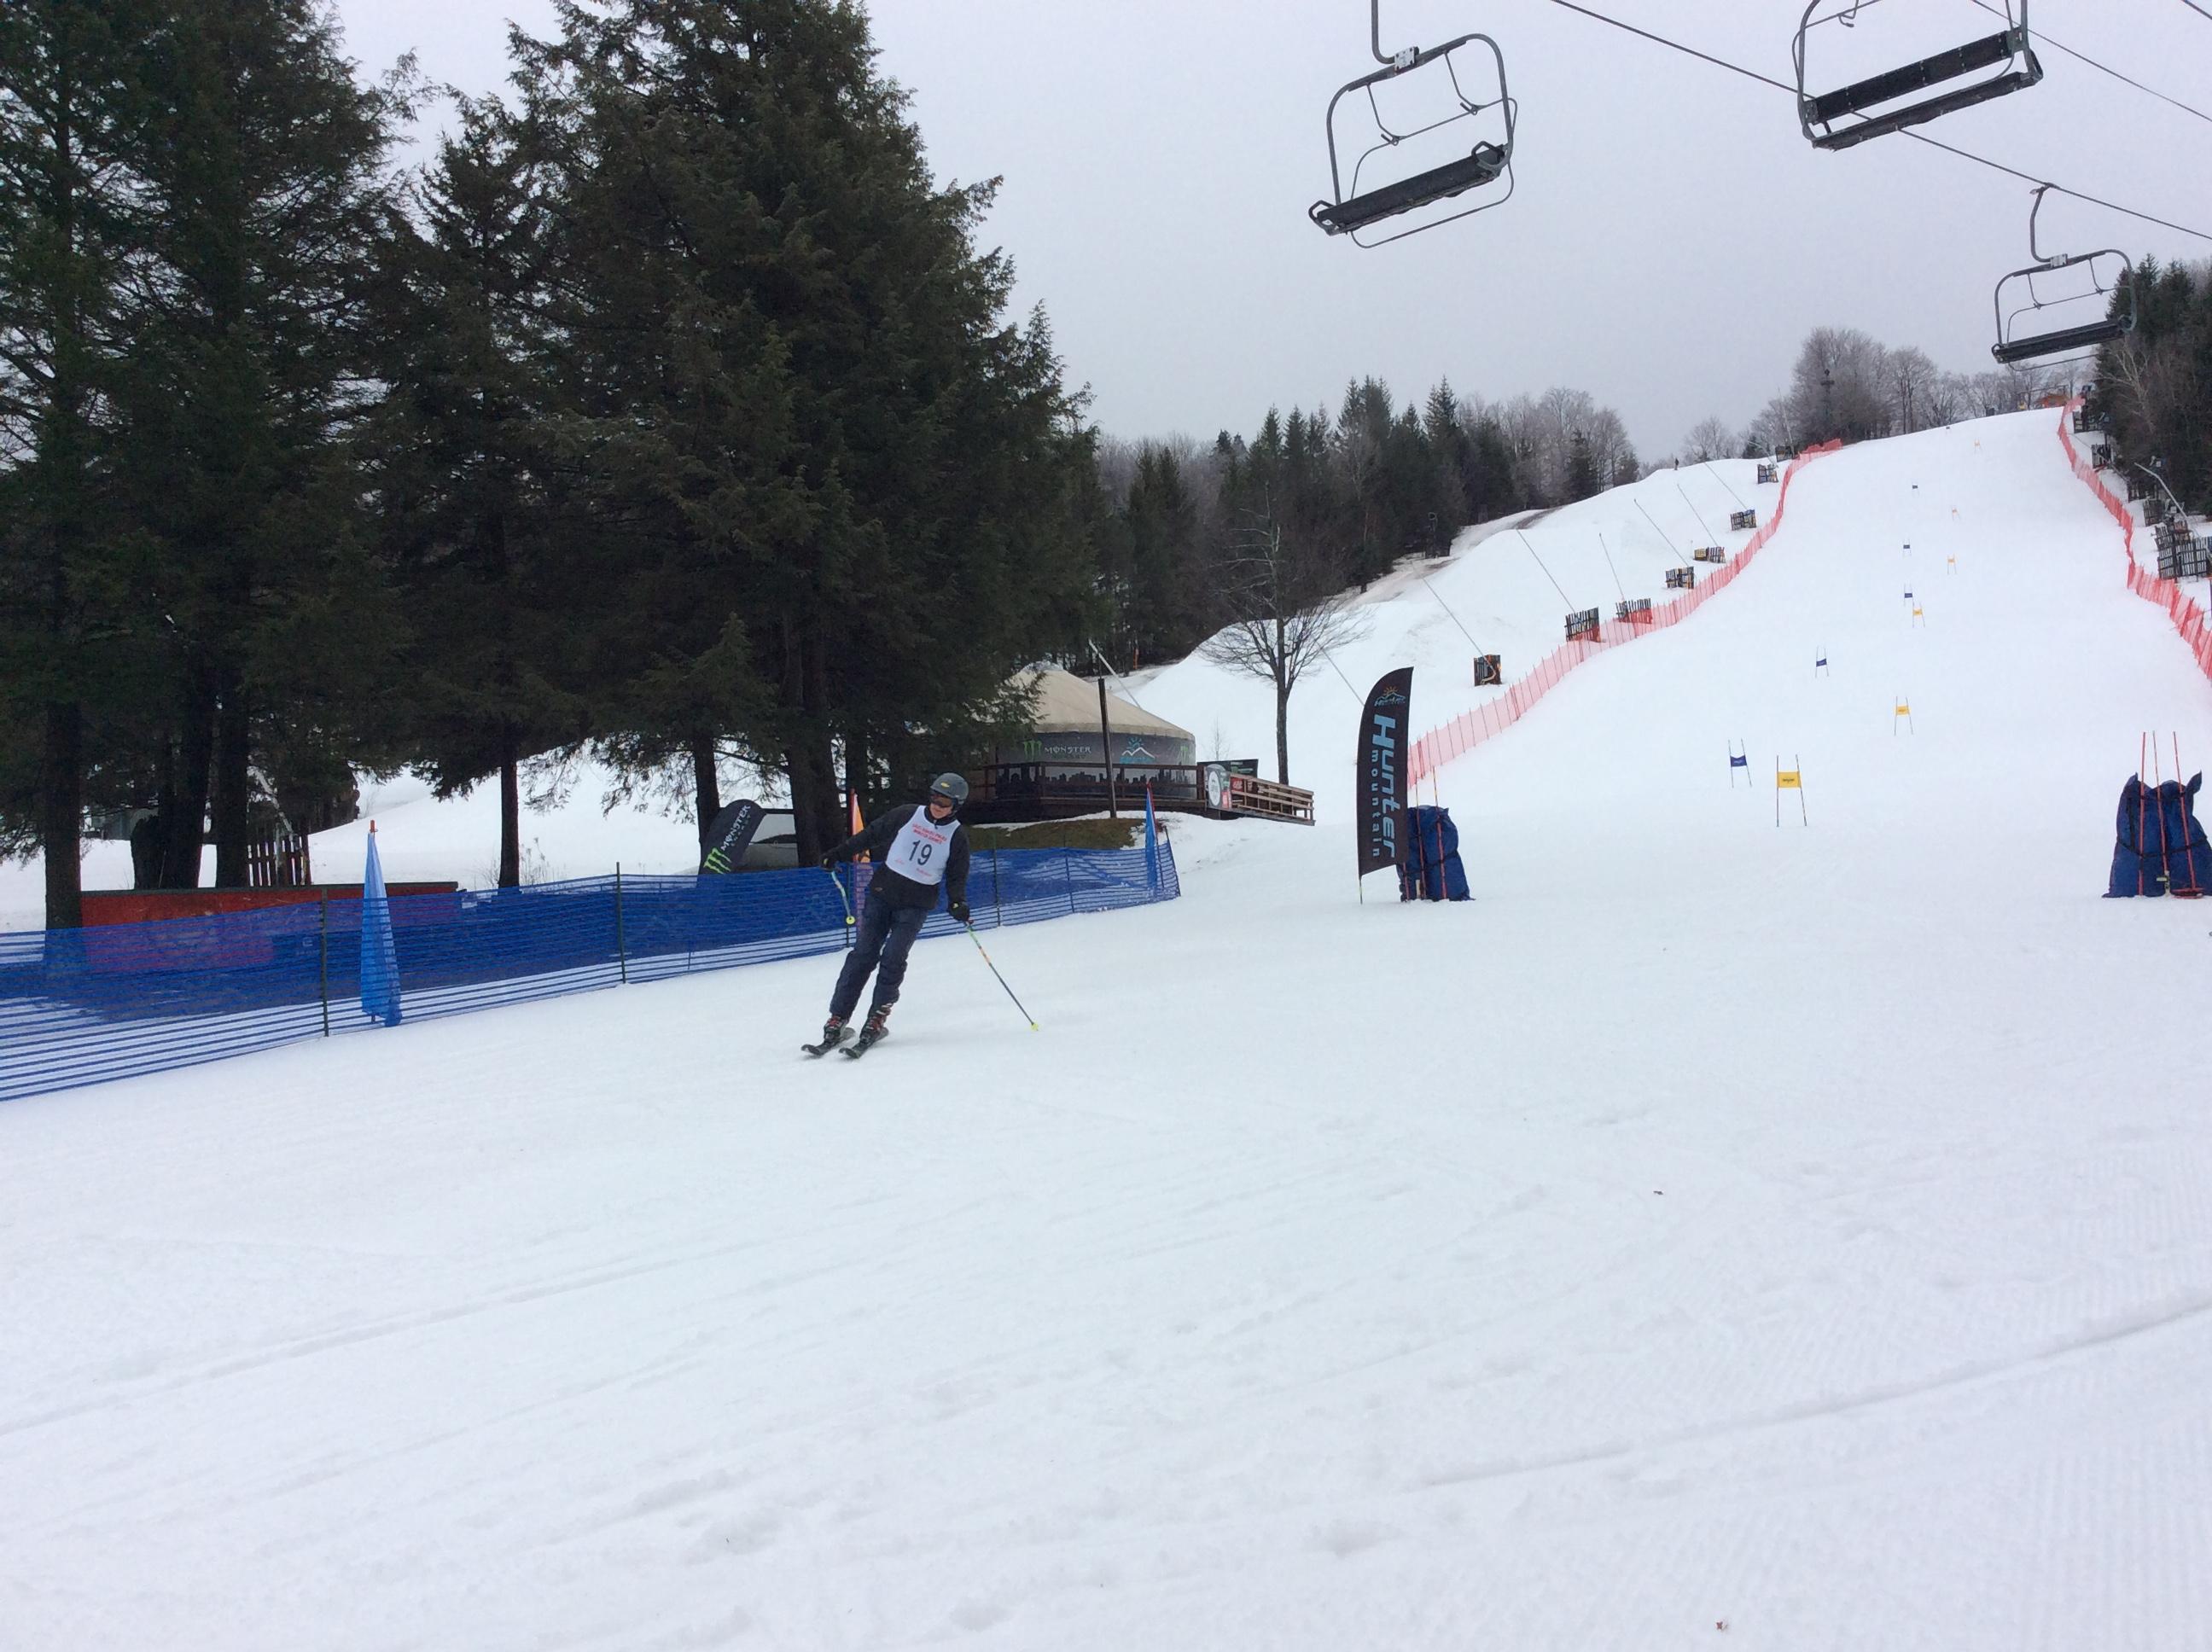 nypd-ski-club_32246022852_o